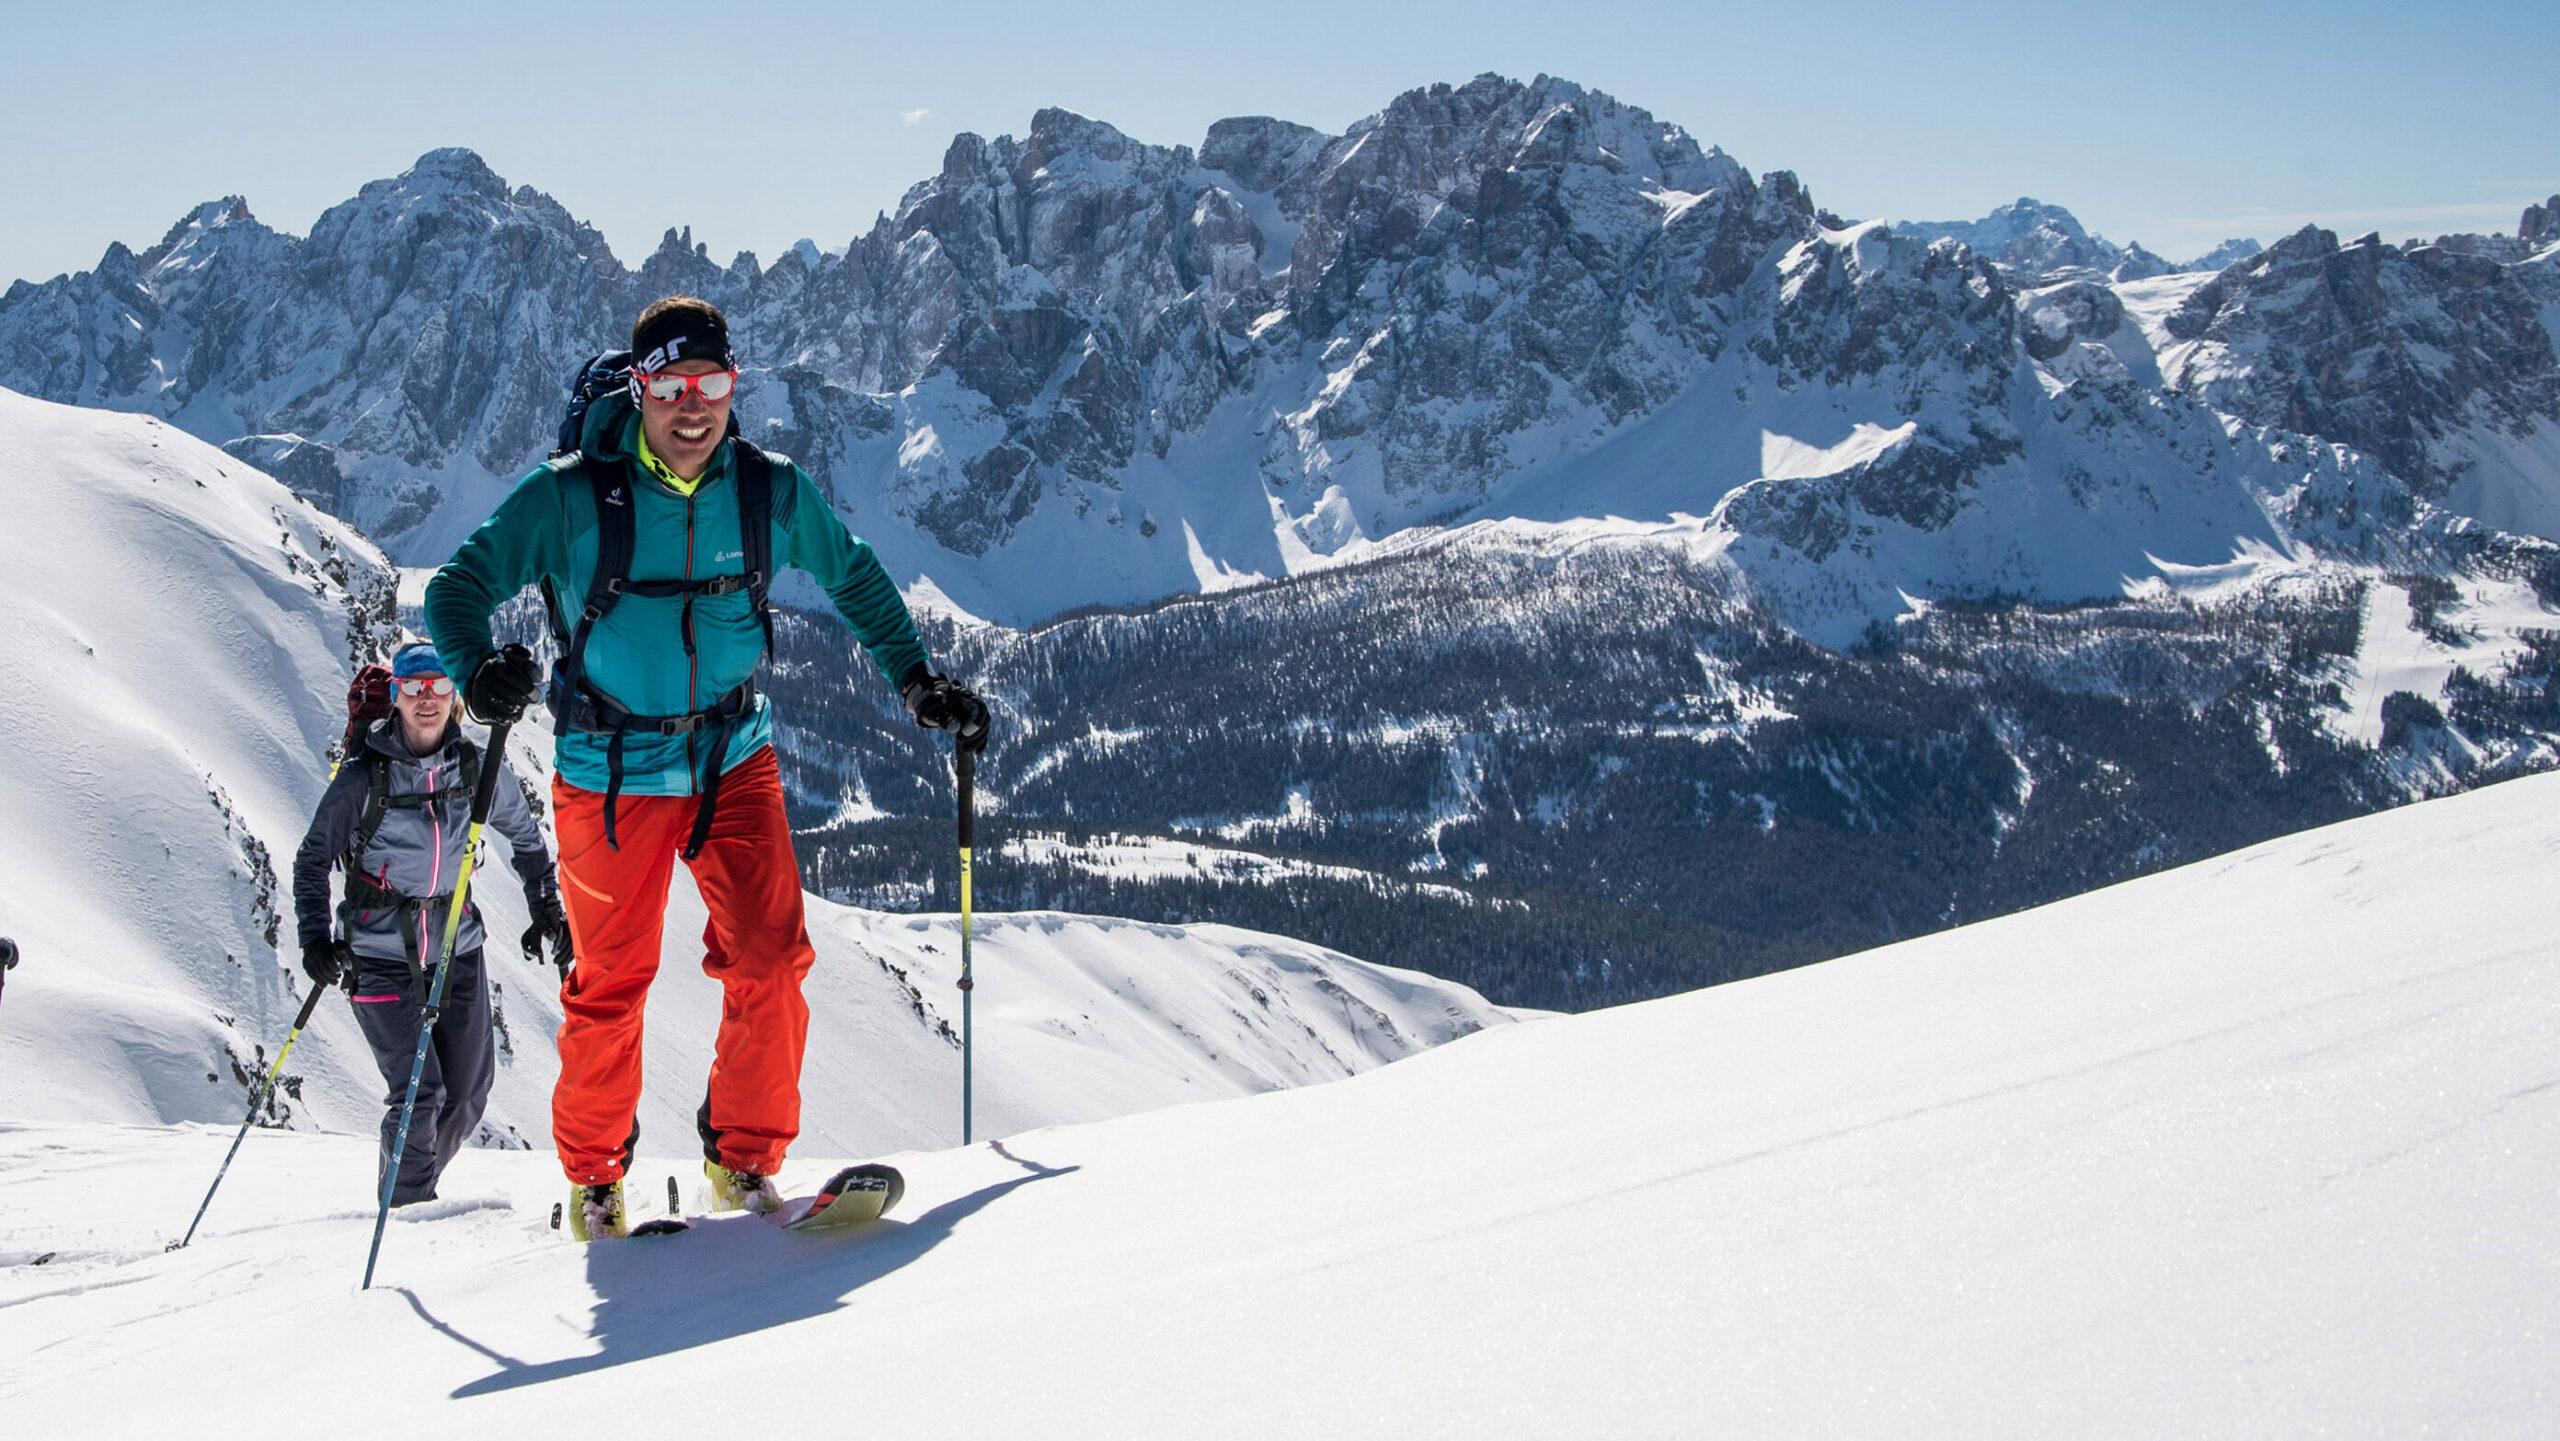 Jak vybrat skialpové lyže? Jak zvolit správnou délku?